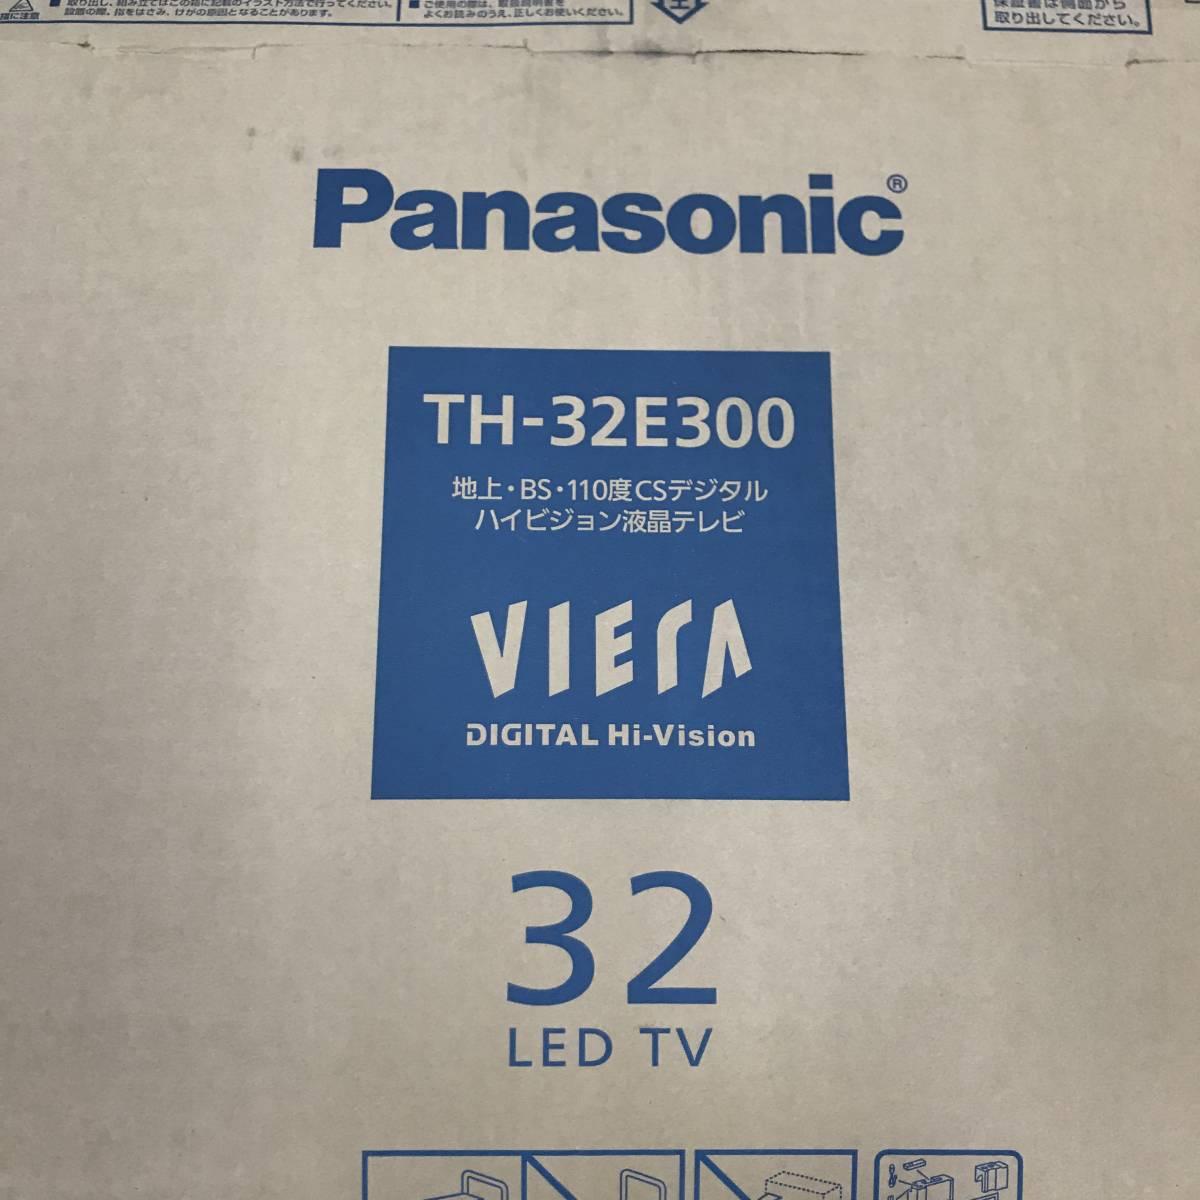 新品・未使用 Panasonic TH-32E300 VIERA 32 LED TV ハイビジョン液晶テレビ